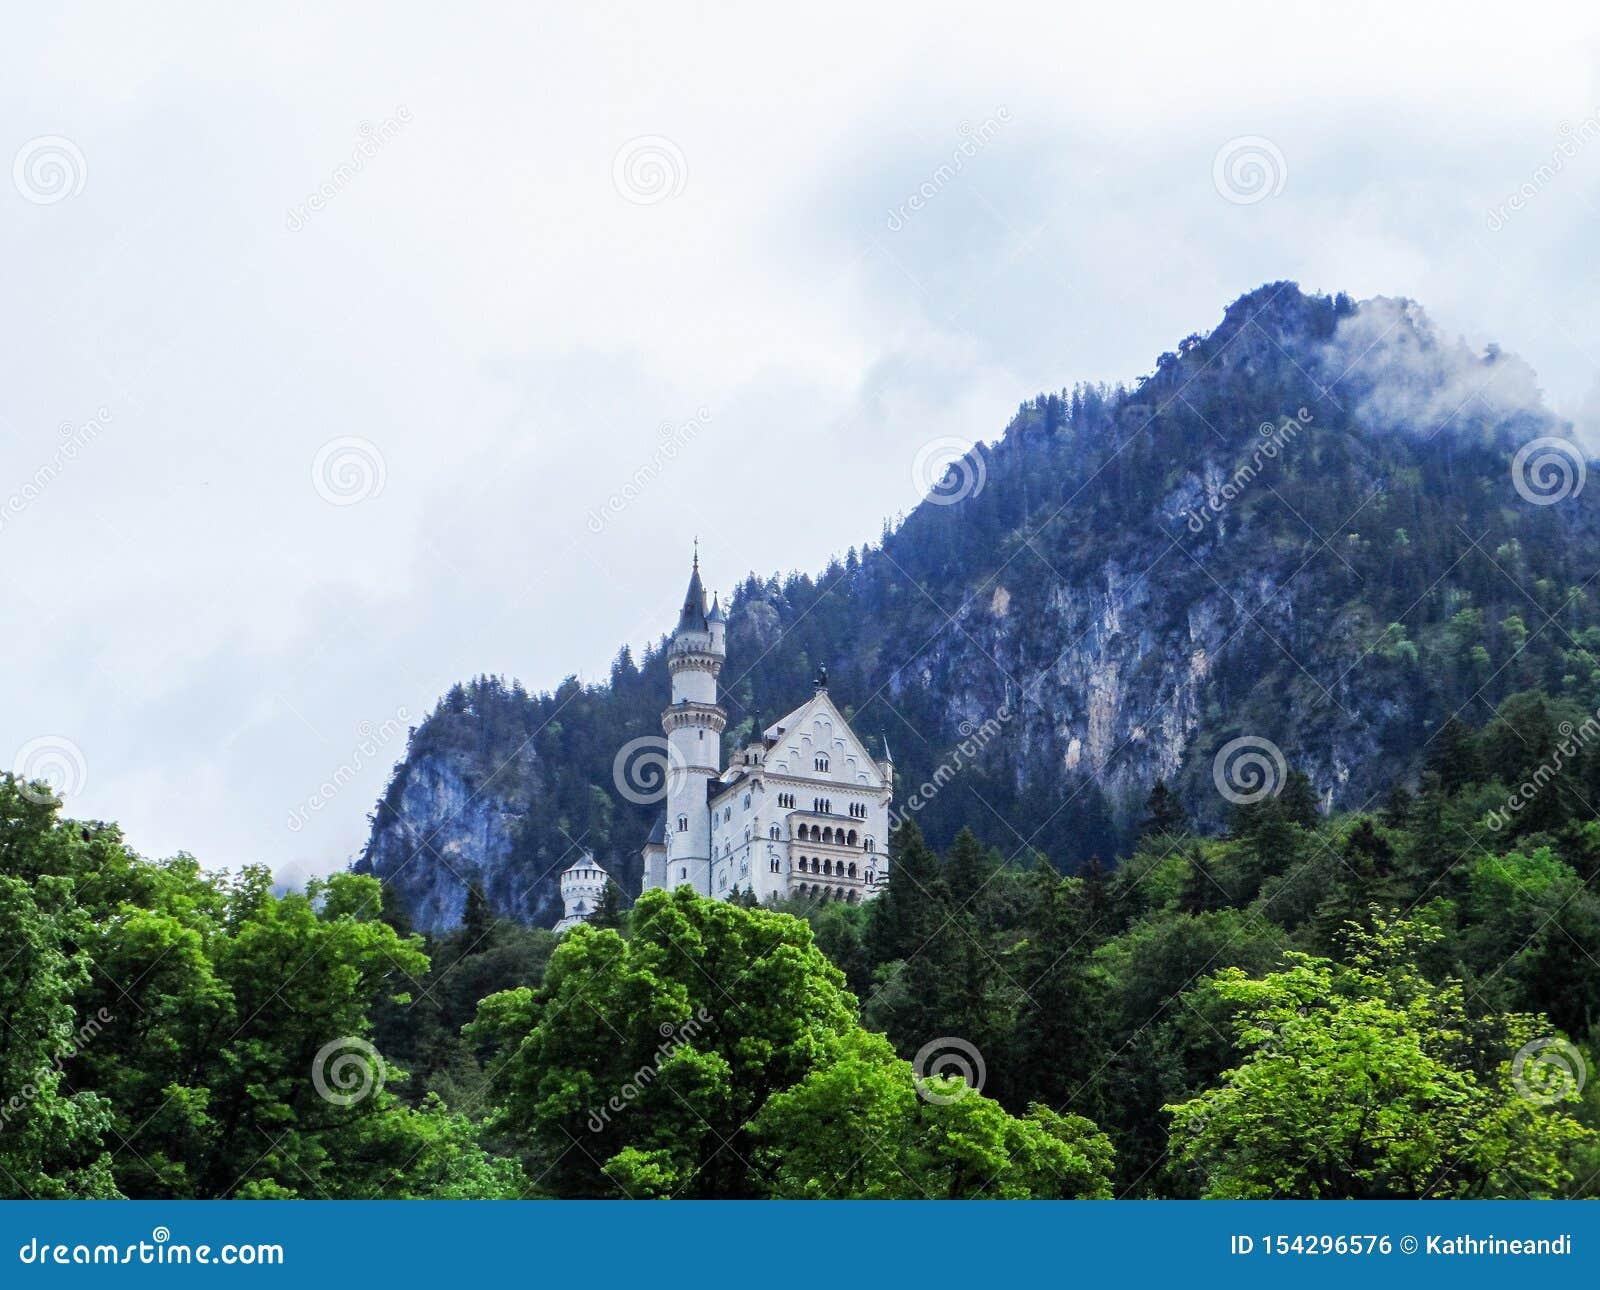 Castelo de Neuschwanstein, Alemanha Vista do lago com árvores, nuvens e montanhas no fundo